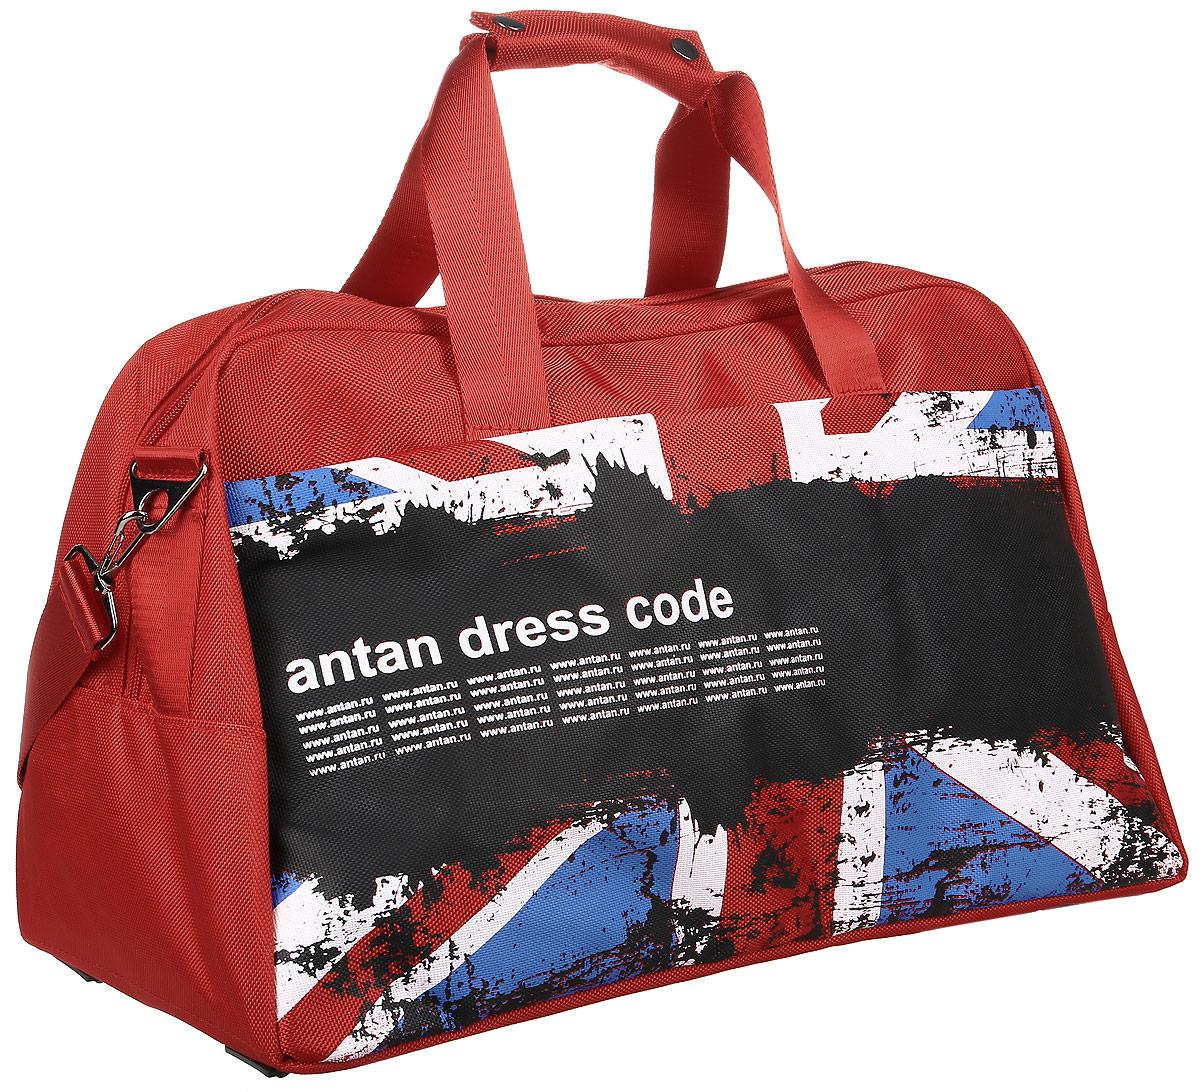 Сумка дорожная Аntan, цвет: красный. 46200107487764620010748776Вместительная дорожная сумка Аntan выполнена из текстиля. Изделие имеет одно отделение, которое закрывается на застежку-молнию. Внутри модель дополнена двумя сетчатыми карманами. Снаружи, на передней стенке расположен карман на застежке-молнии. Сумка дополнена двумя удобными ручками. В комплект входит съемный регулируемый плечевой ремень. Основание изделия защищено от повреждений пластиковыми ножками.